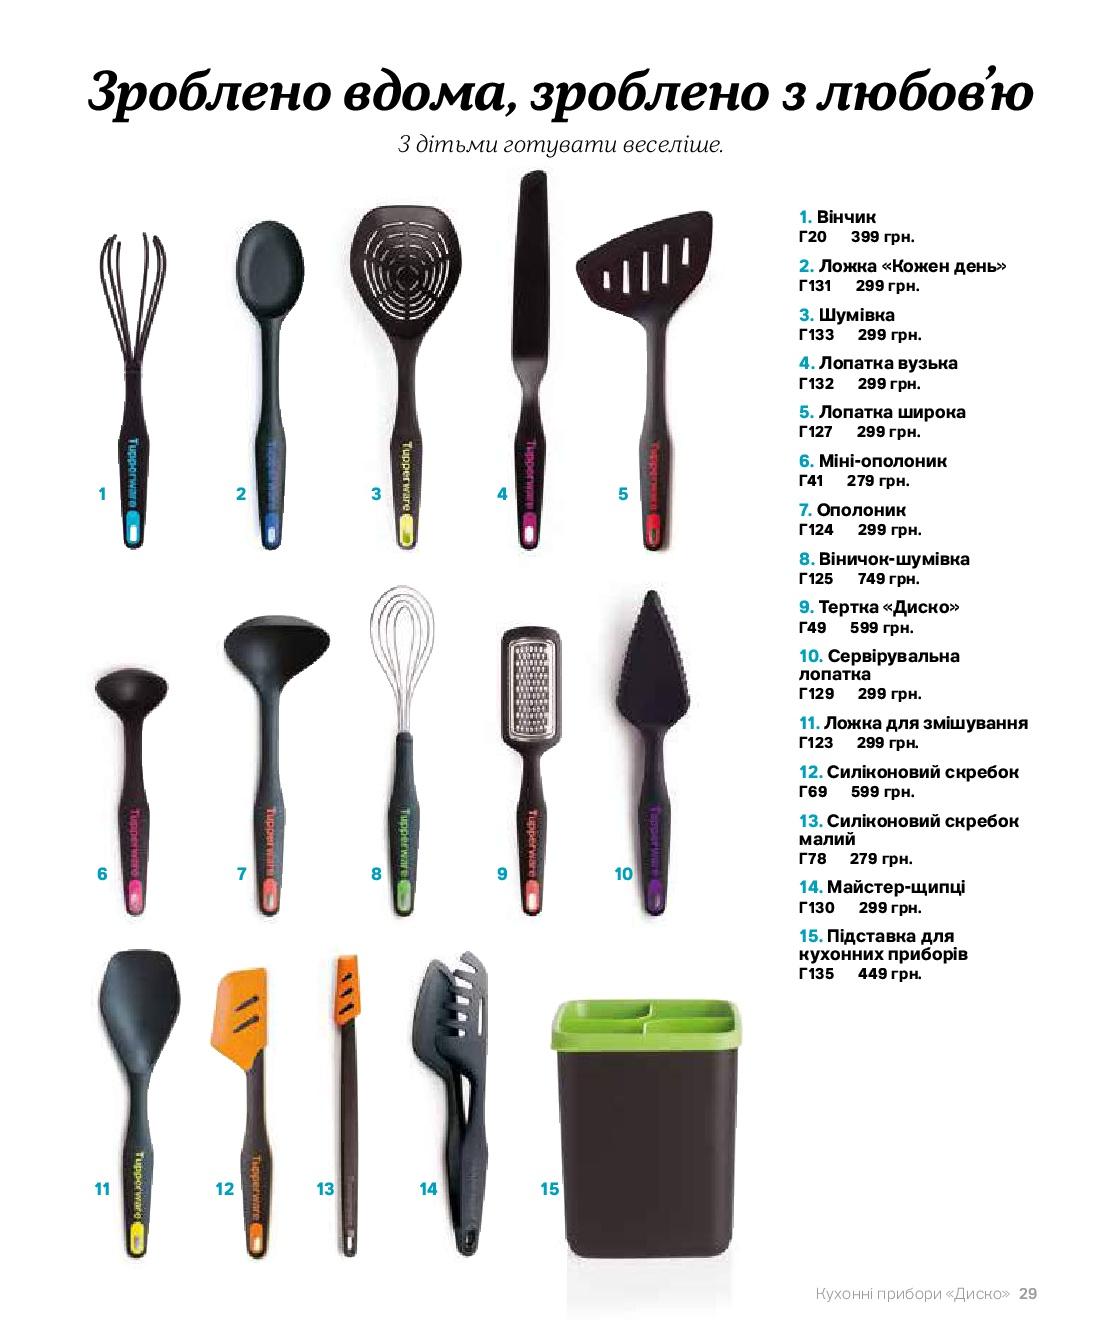 Страница каталога 28. Кухонные приборы, цены и виды